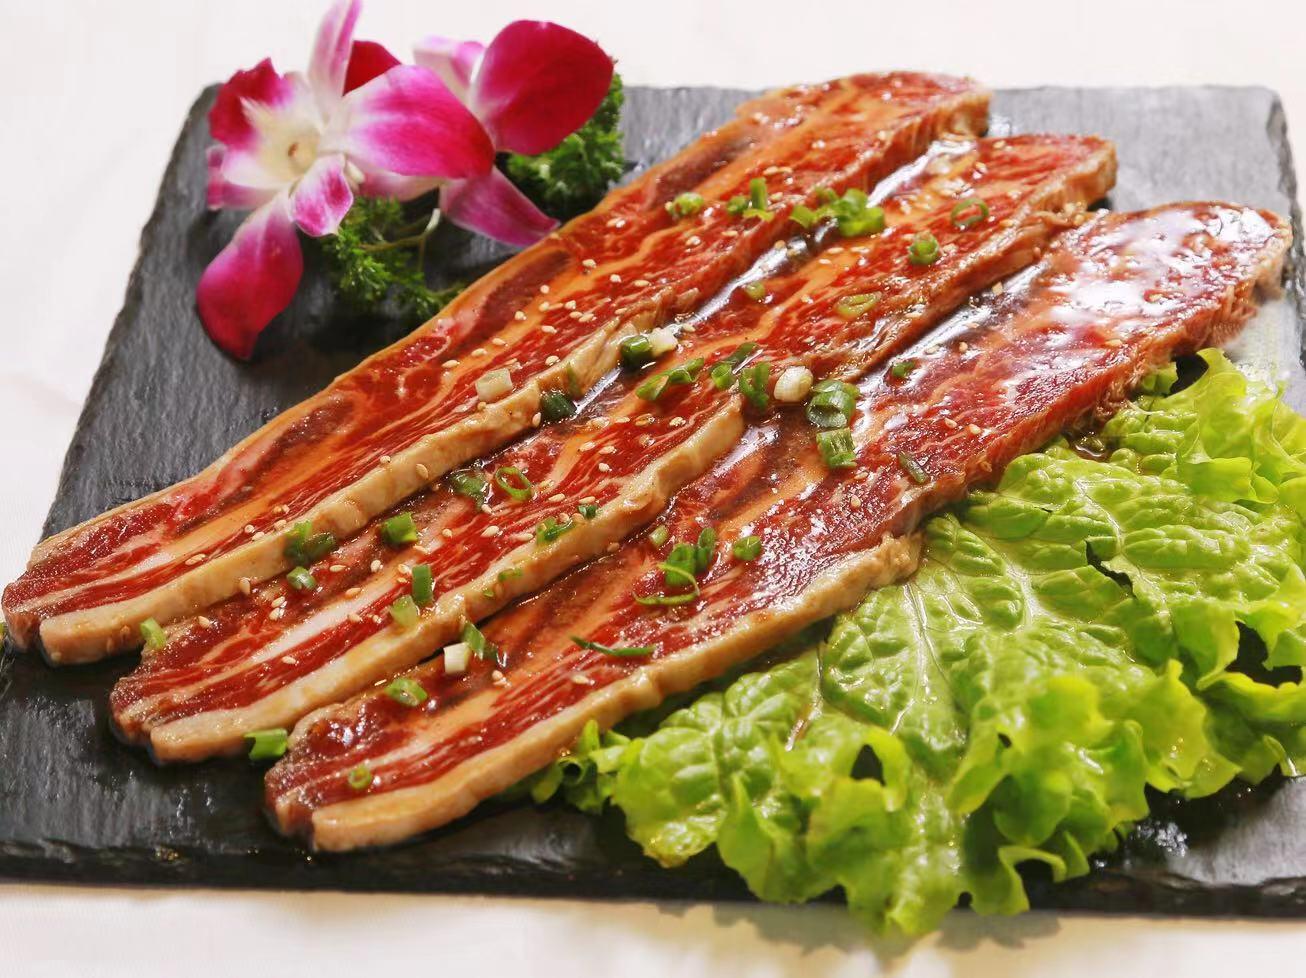 二道区正宗韩式烤肉订位「薇薇家烤肉店供应」